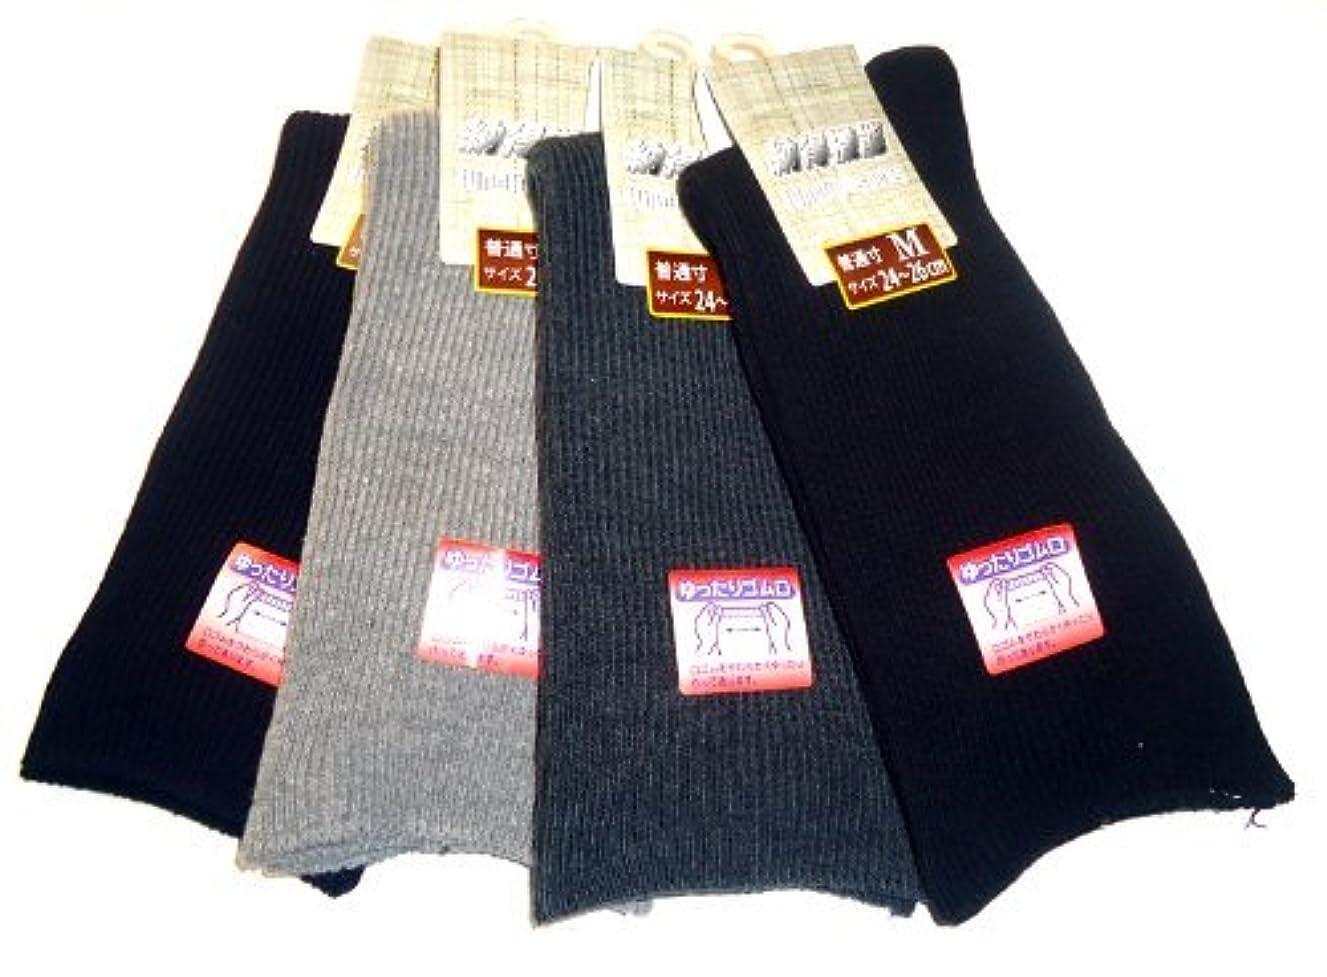 頬送金裁判官日本製 靴下 メンズ 口ゴムなし ゆったり靴下 24-26cm お買得4色4足組